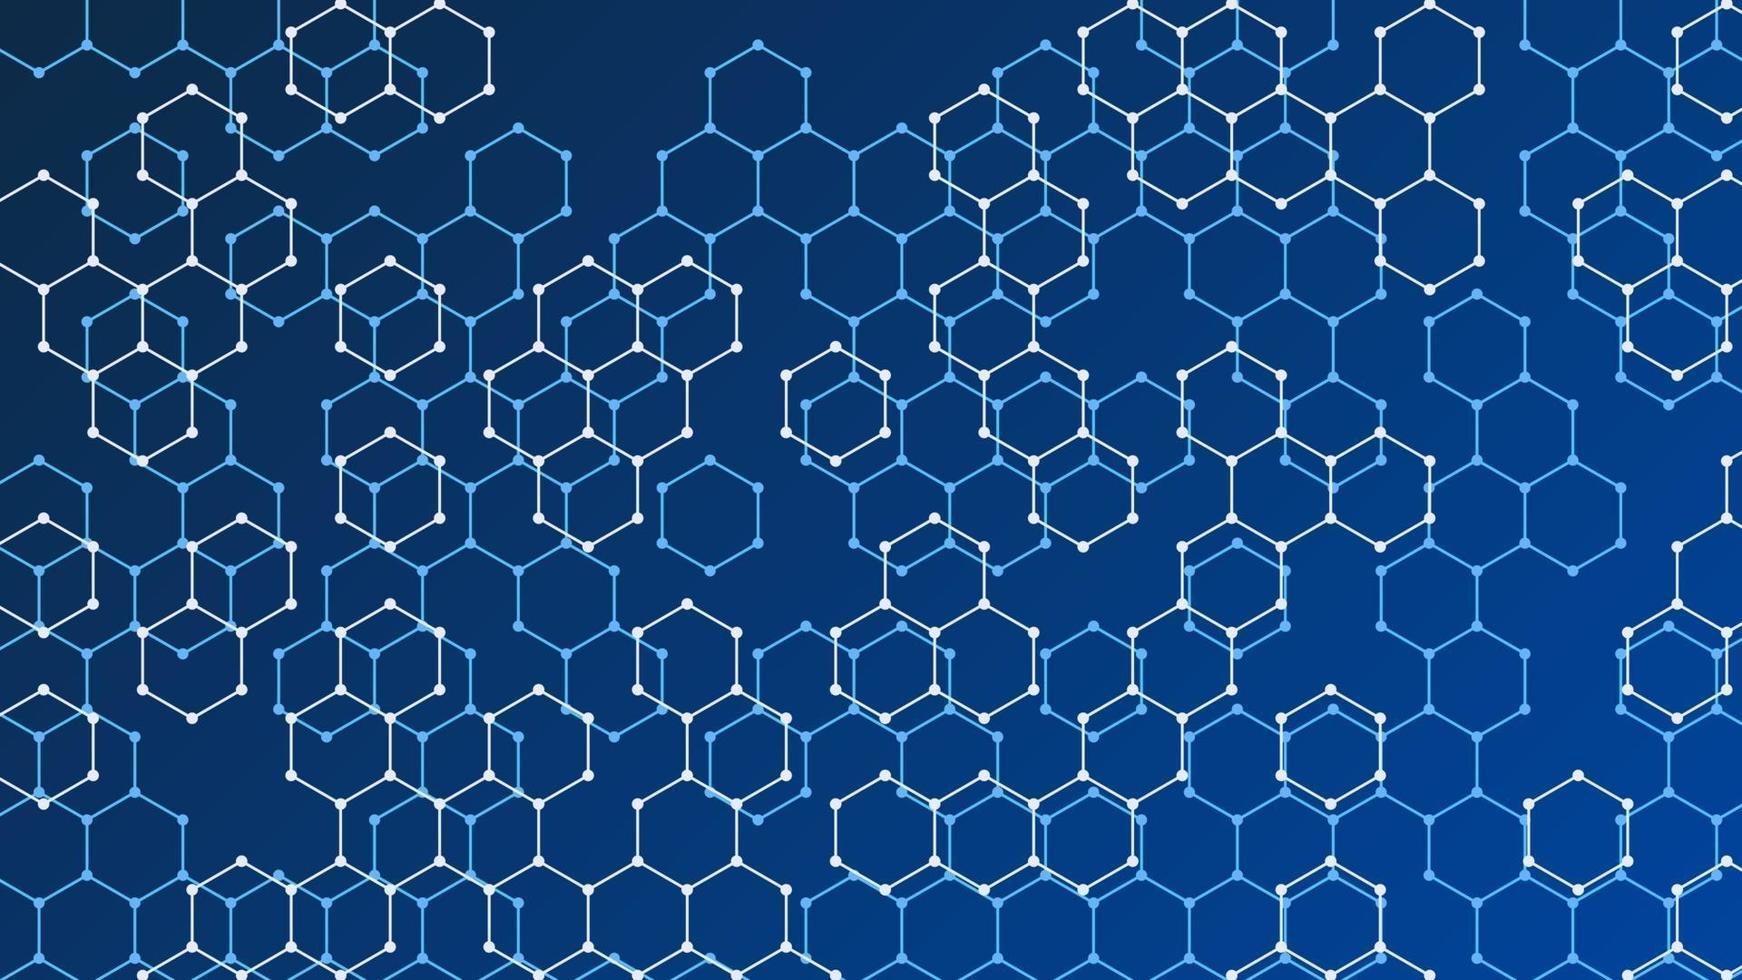 blå tonad bakgrund med två typer av hexagoner vektor